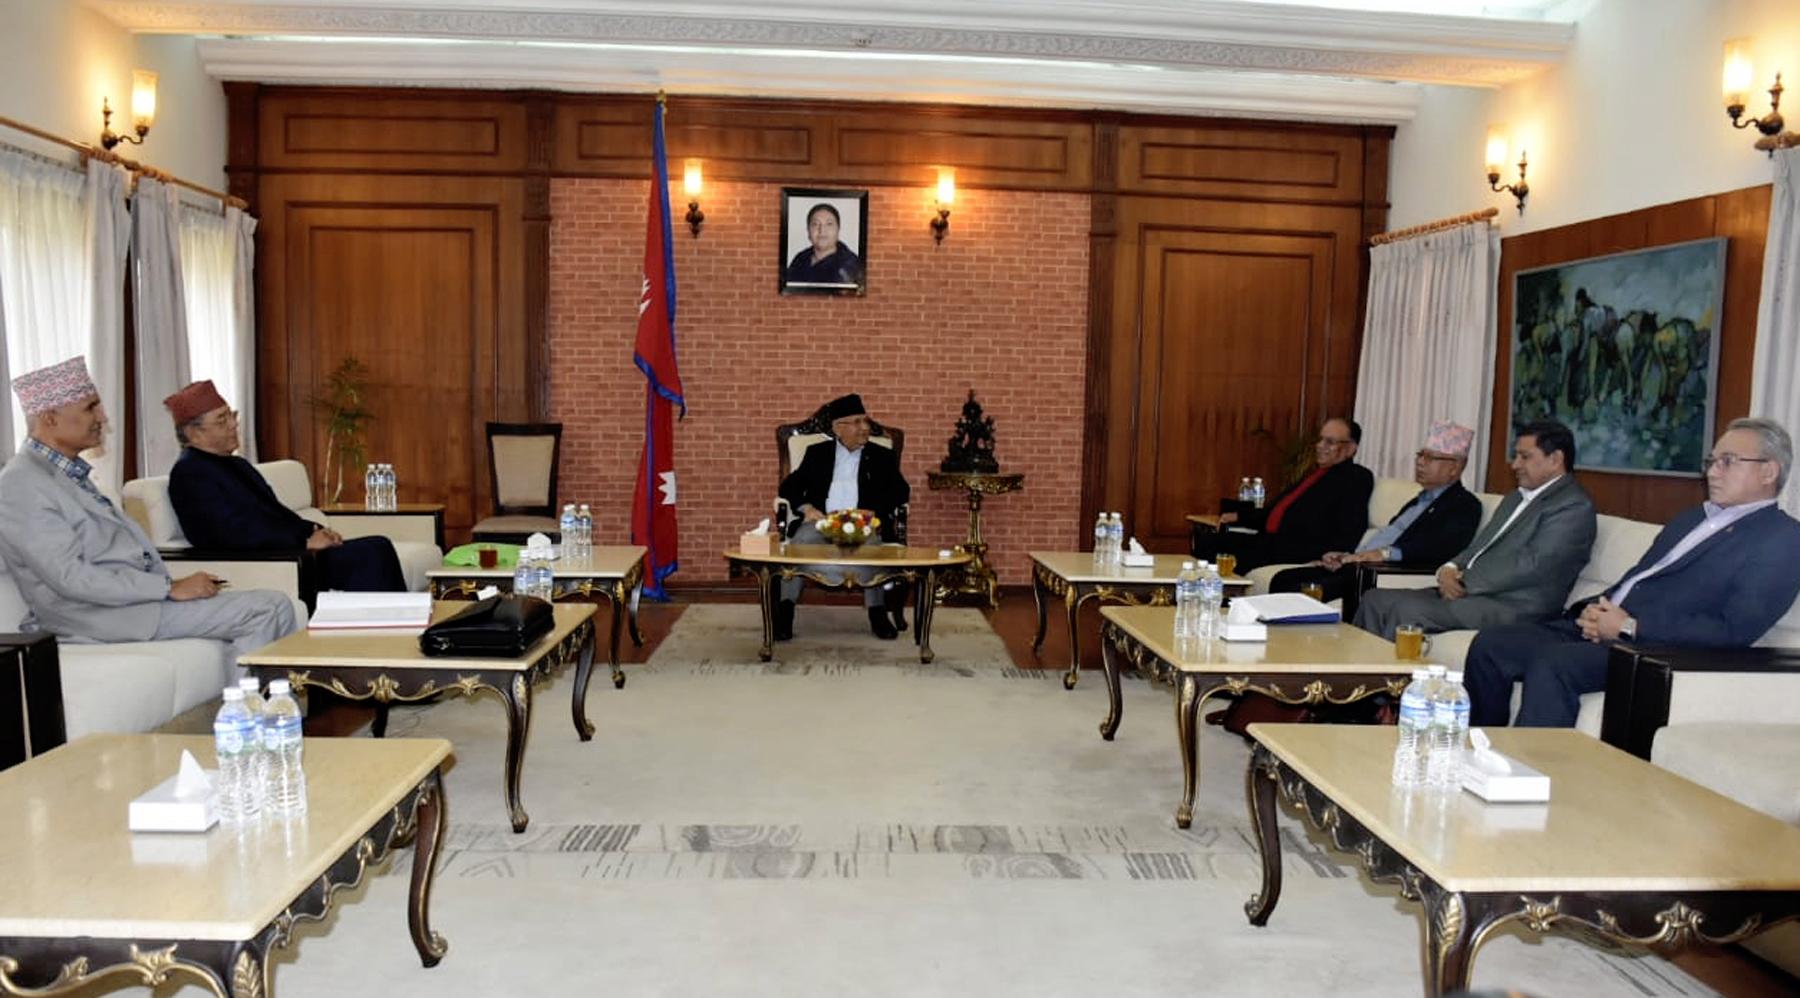 नेकपा सचिवालय बैठकः ओलीले सरकार र प्रचण्डले पार्टी सञ्चालन गर्ने